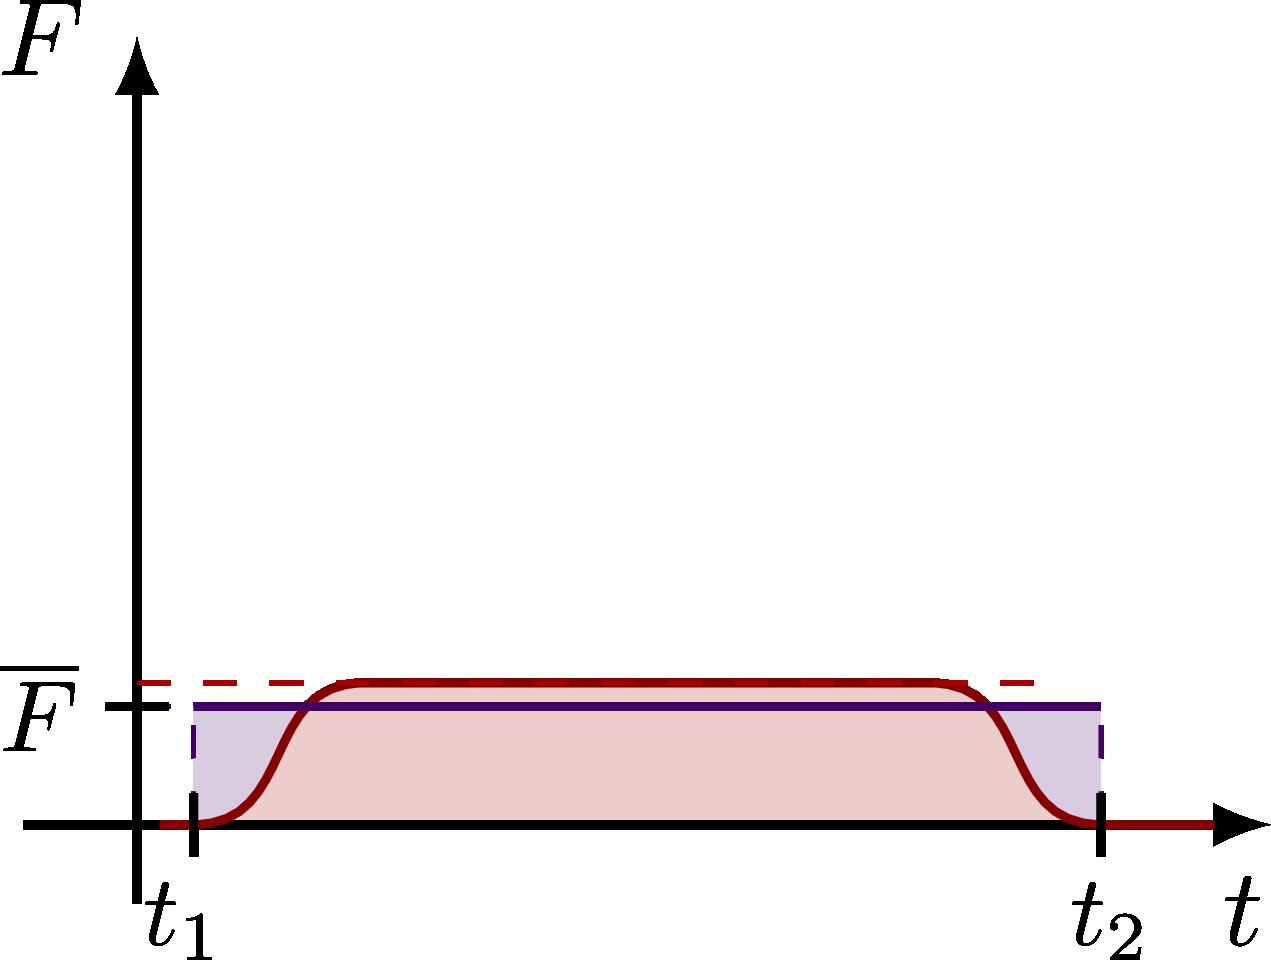 dynamics_impulse-003.png